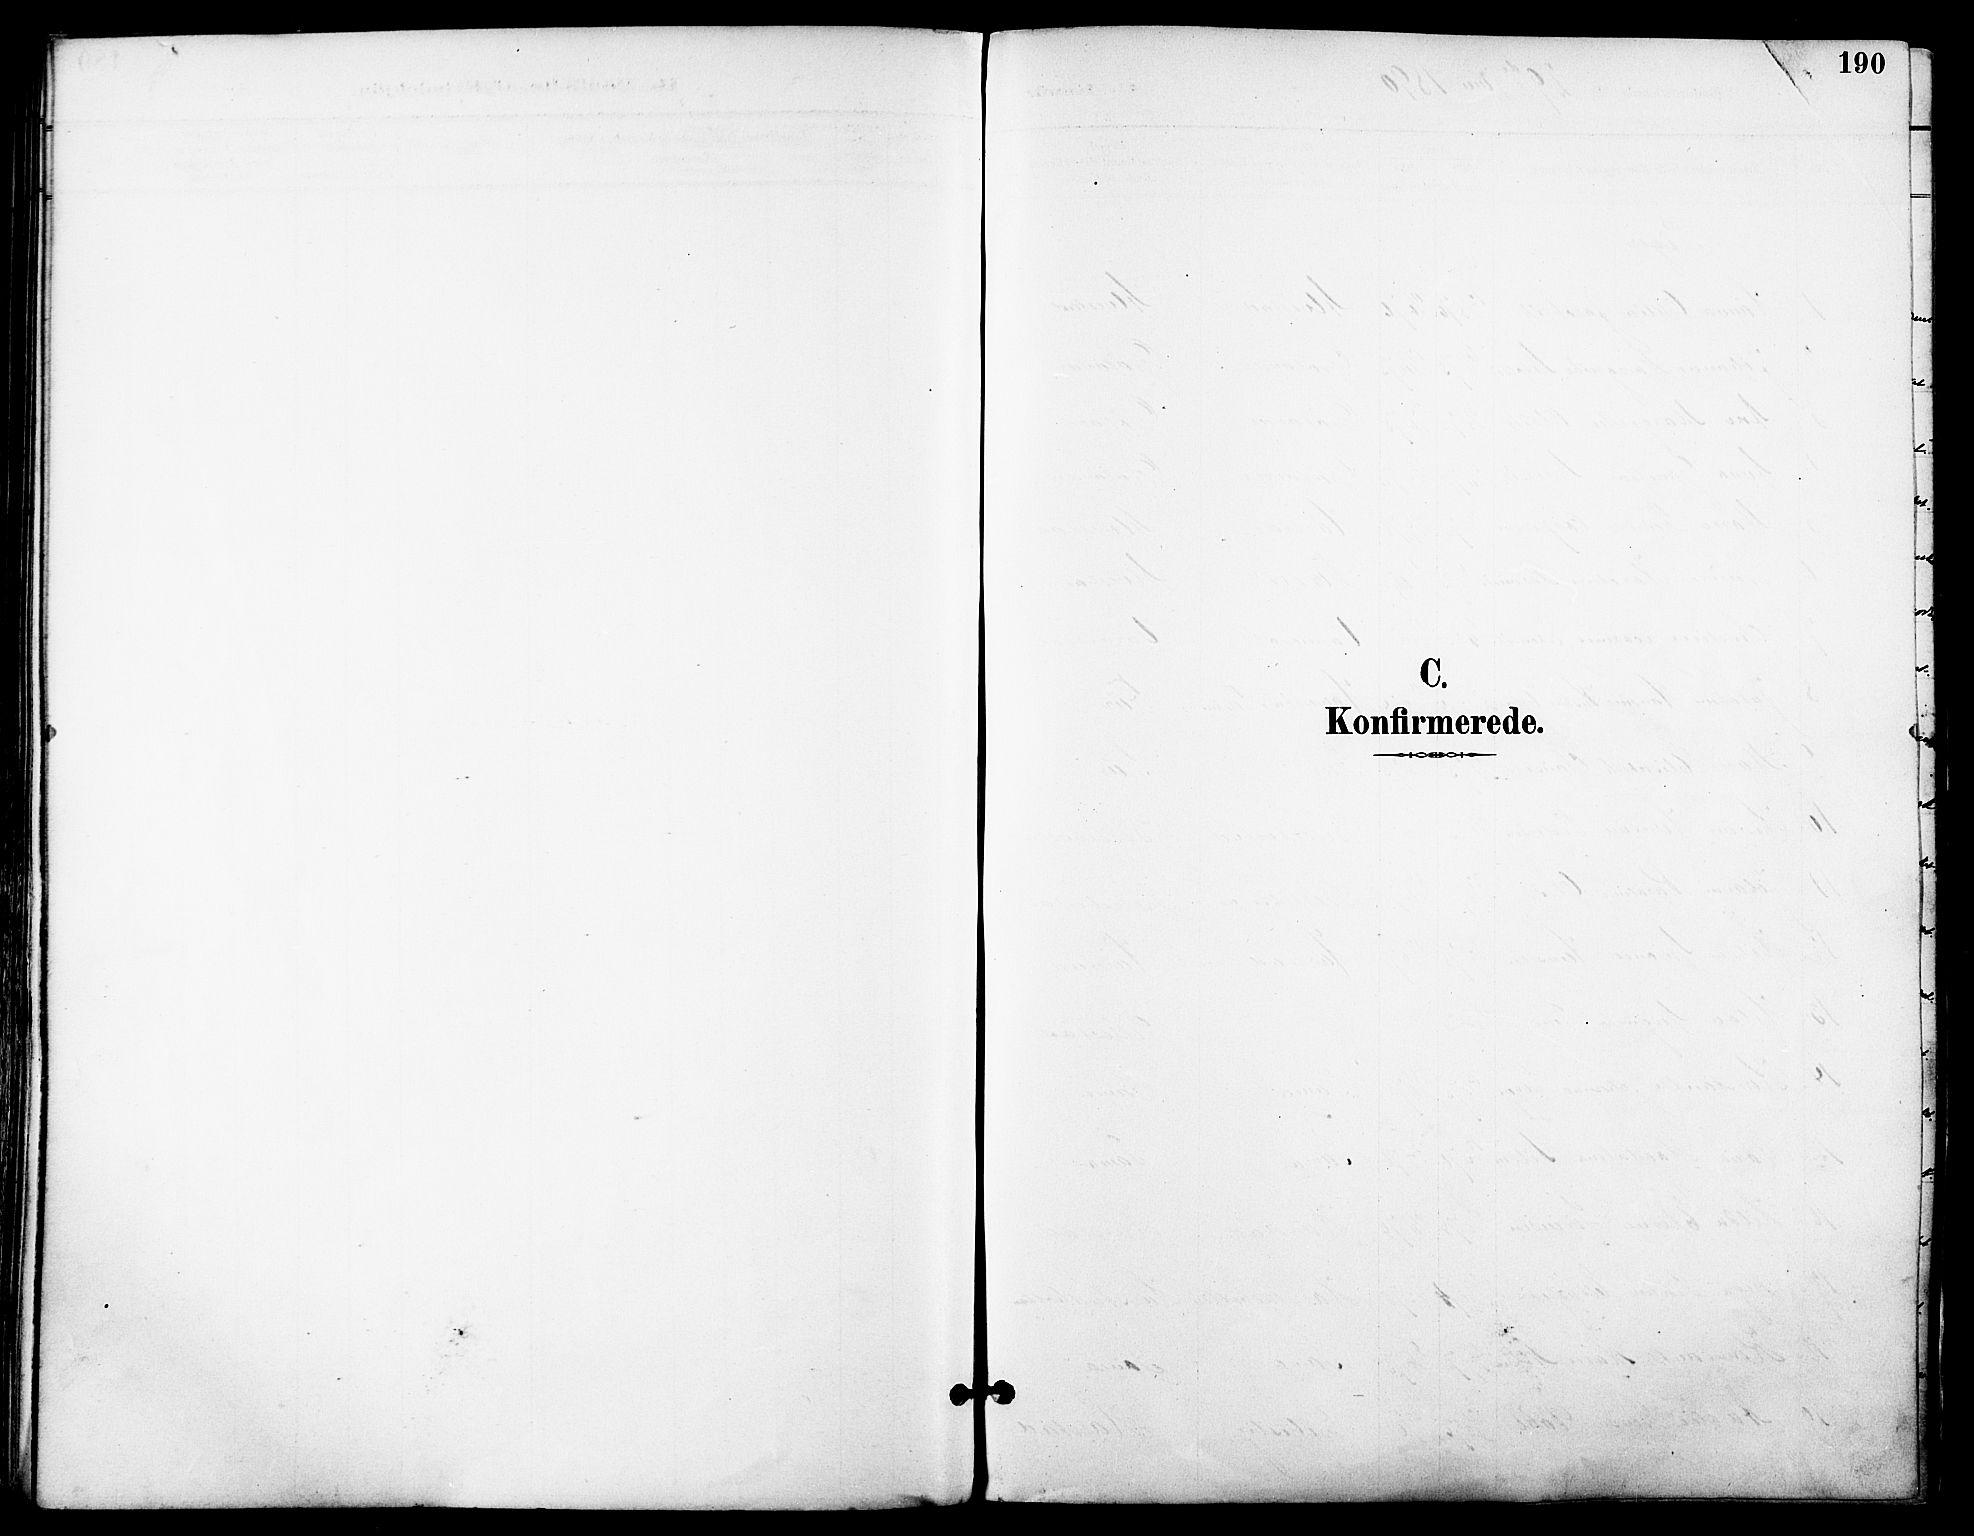 SATØ, Trondenes sokneprestkontor, H/Ha/L0016kirke: Ministerialbok nr. 16, 1890-1898, s. 190